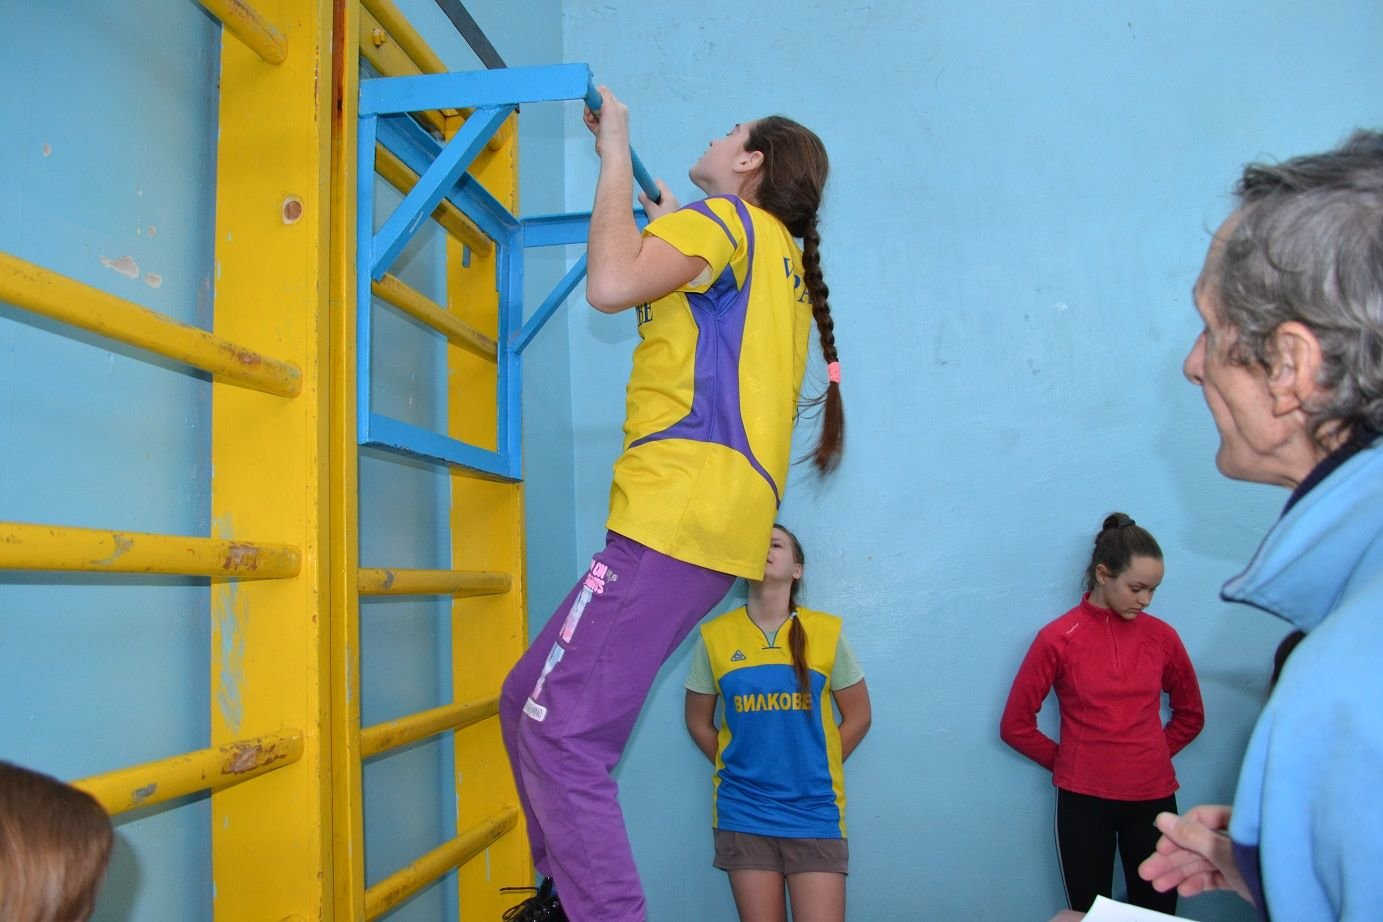 В Черноморске более 100 гребцов на байдарках и каноэ соревновались за победу в физподготовке, фото-2